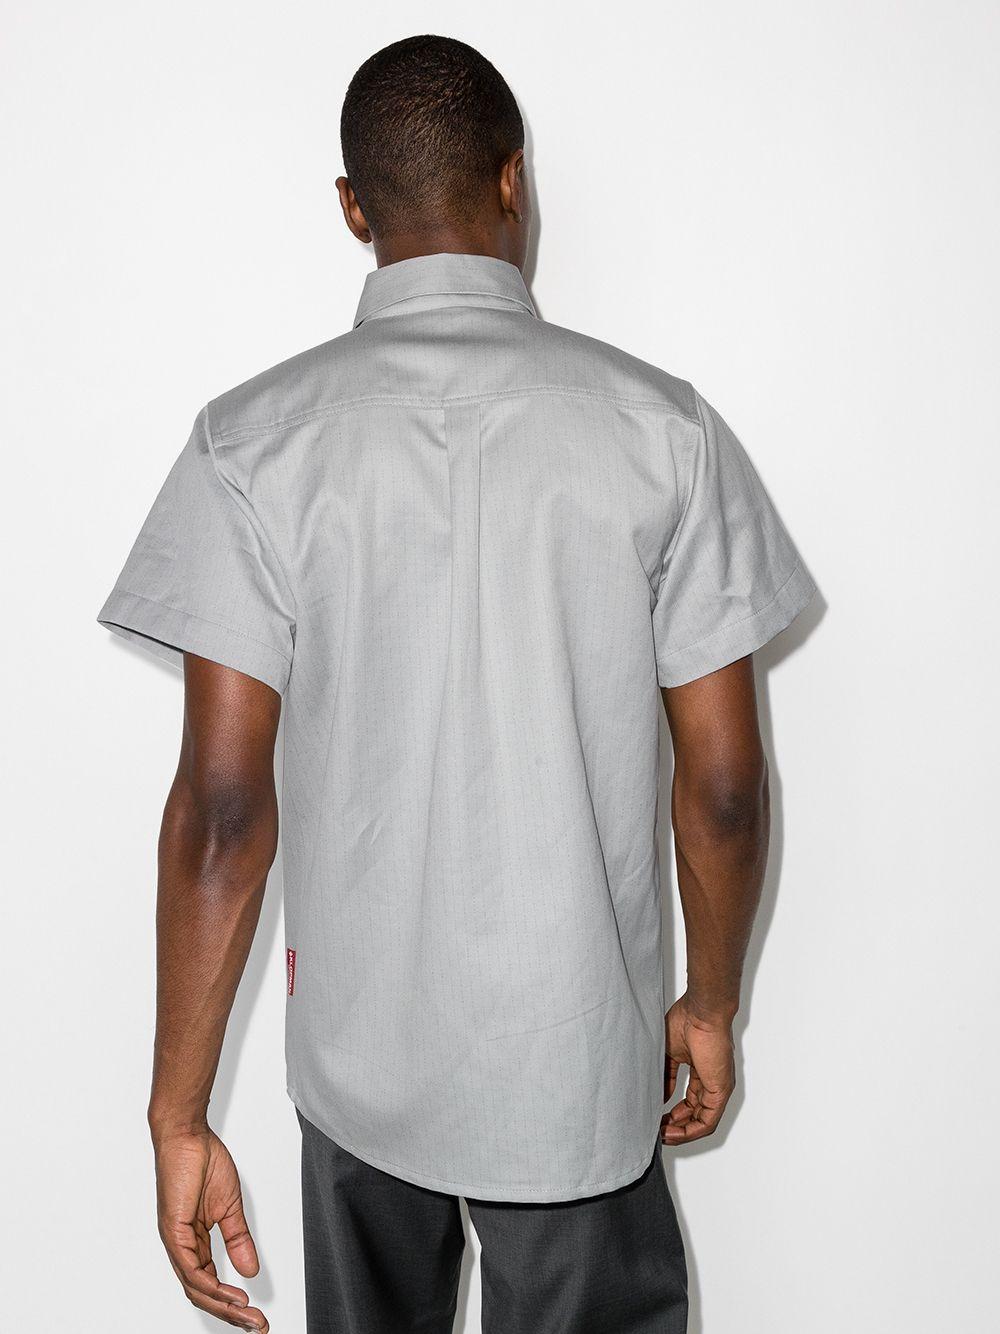 Gr10k two pocket shirt man grey GR10K | Shirts | GR011COLD GREY